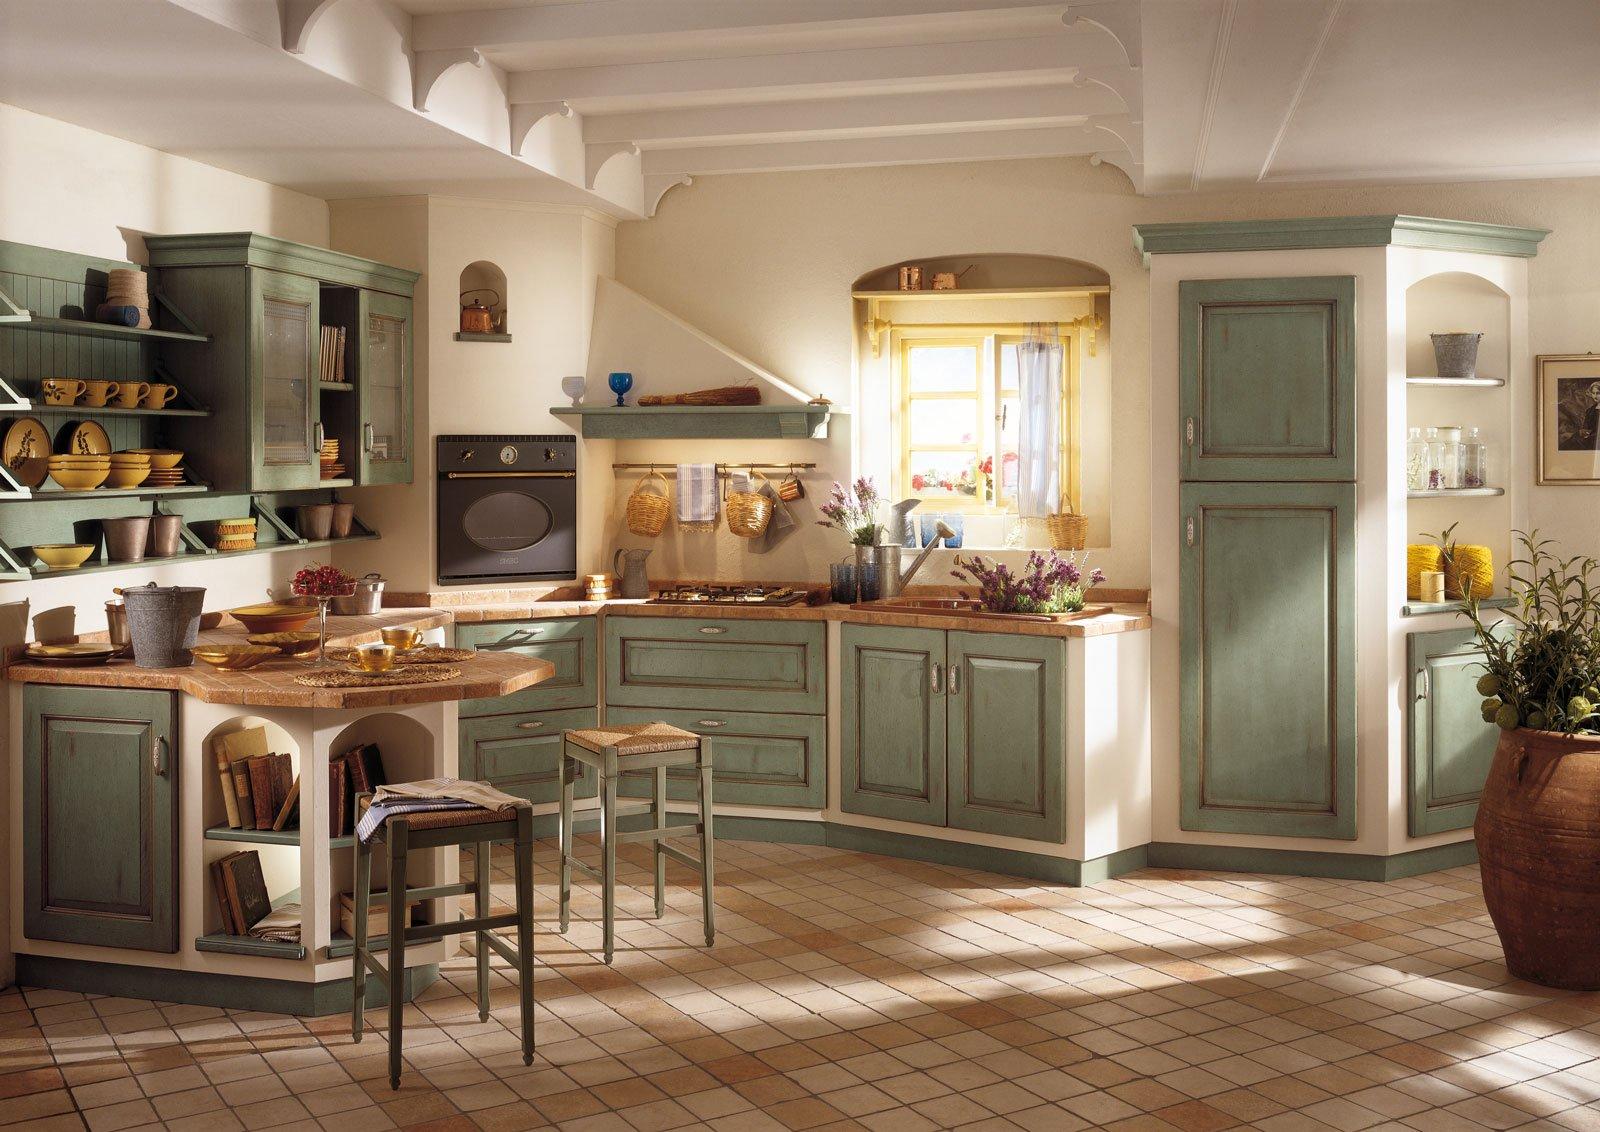 Cucine effetto muratura vera o finta cose di casa for Piani di casa in stile country texas